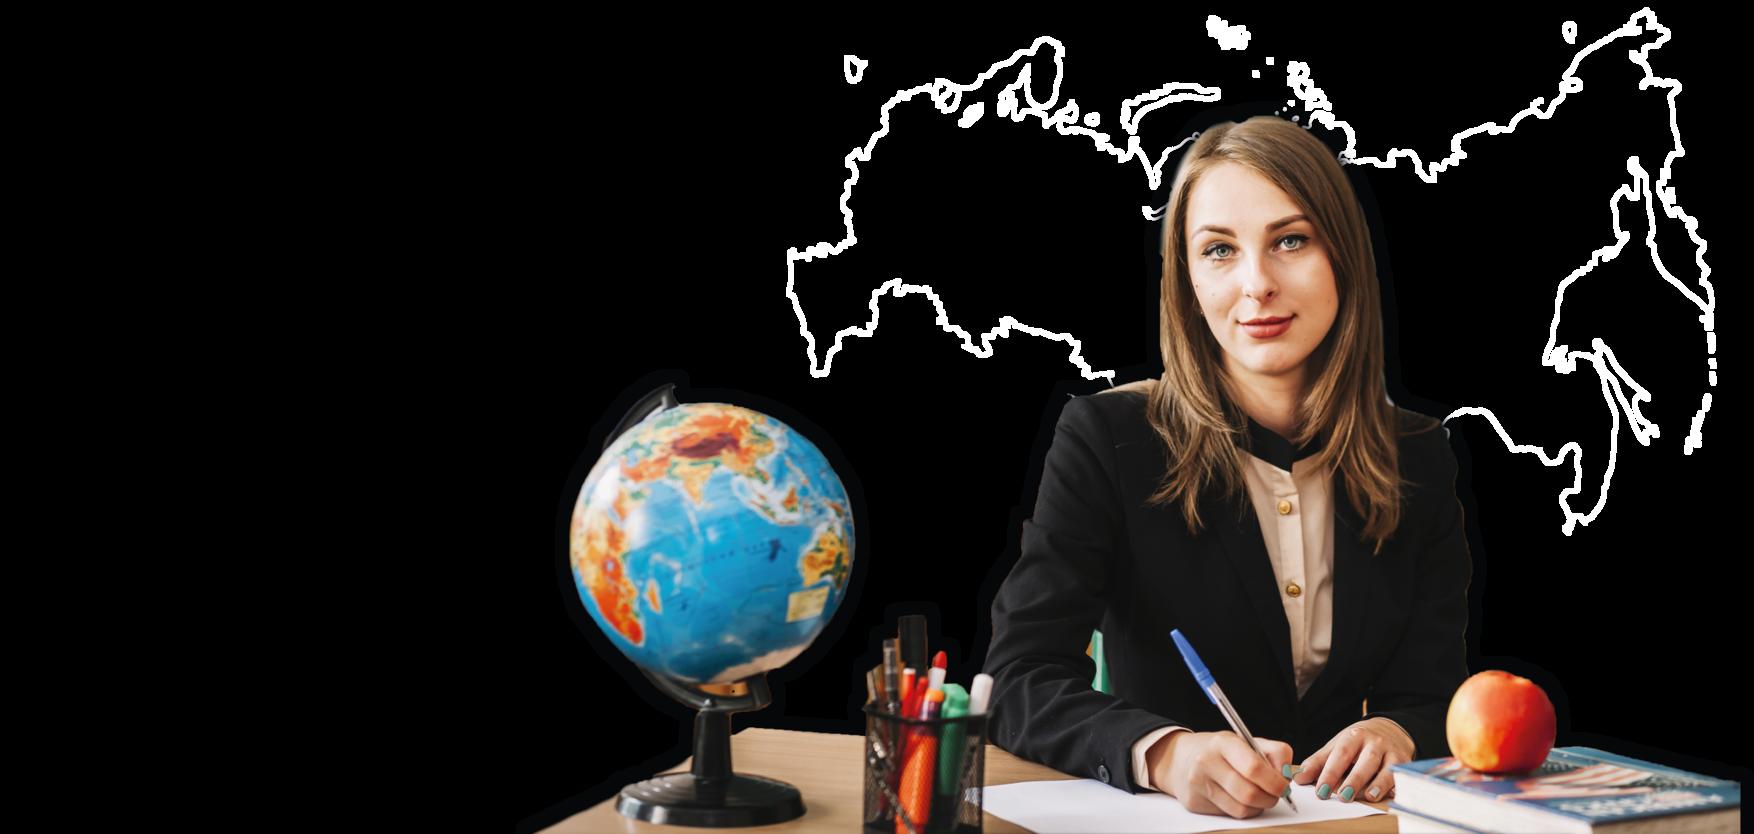 Интенсивные курсы ЕГЭ и ОГЭ по географии в Москве